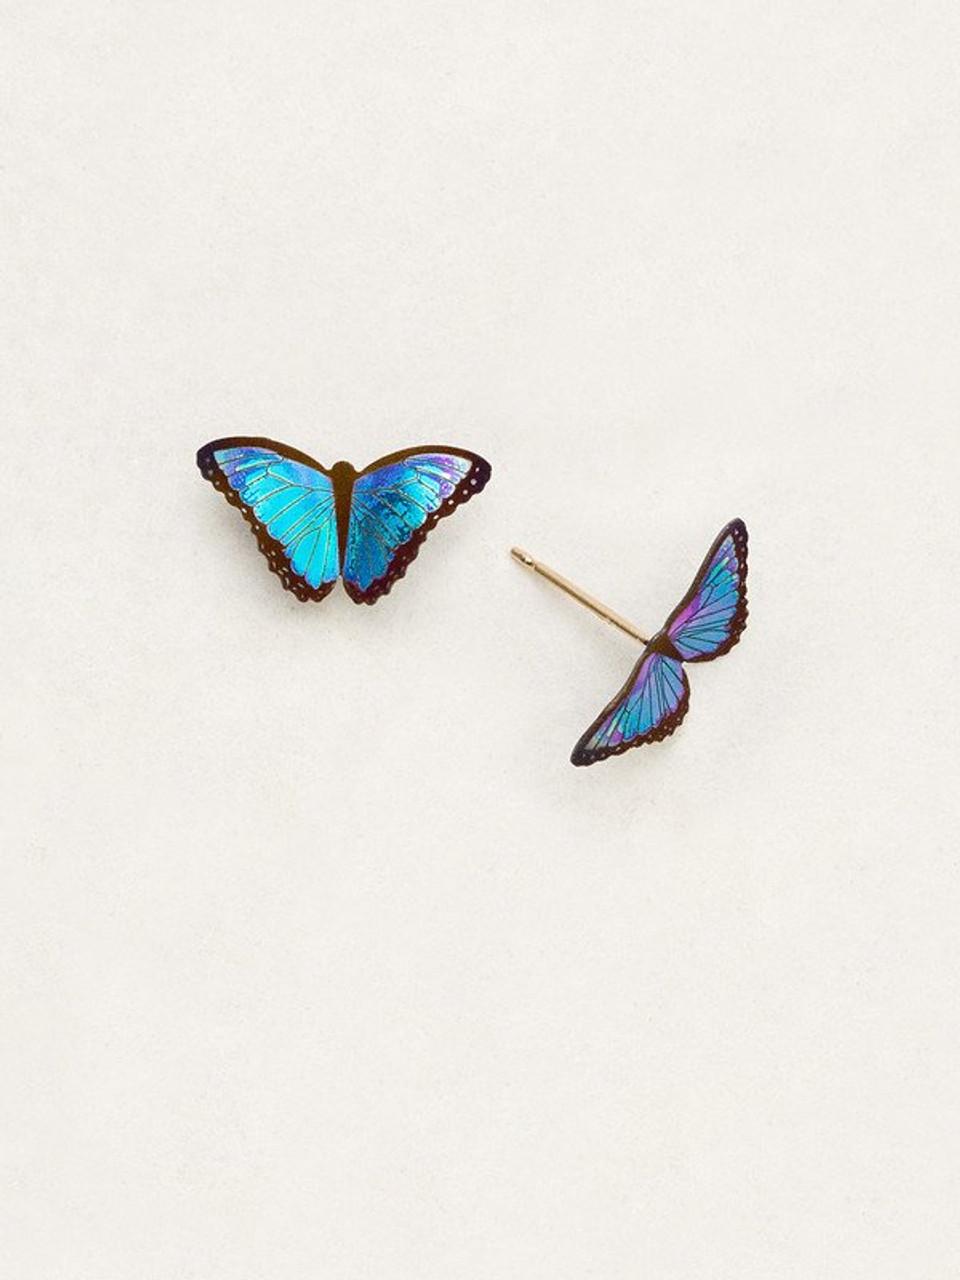 Bella butterfly earrings